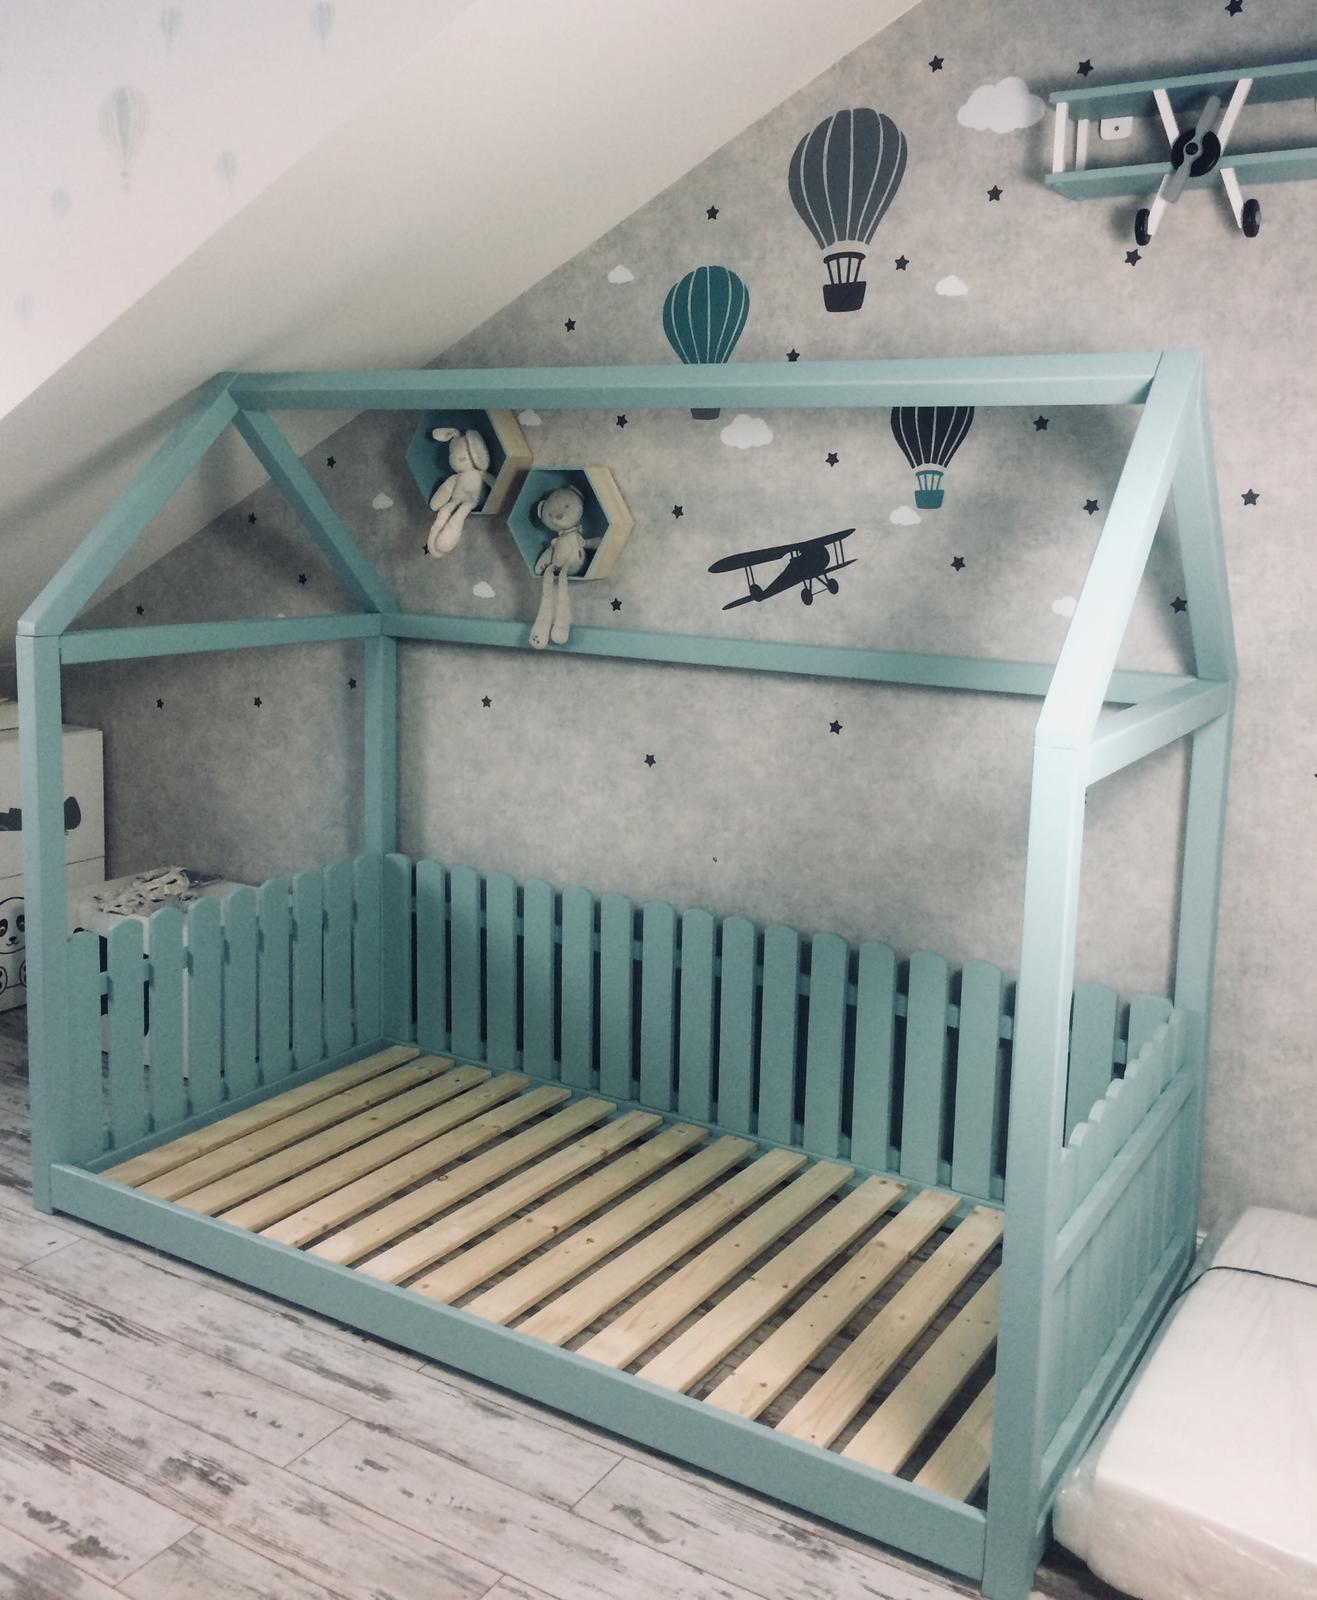 Splněný sen ... domeček - Realita, uz jen vyrobit zabranu a je hotovo :) myslim ze se celkem povedla ;)